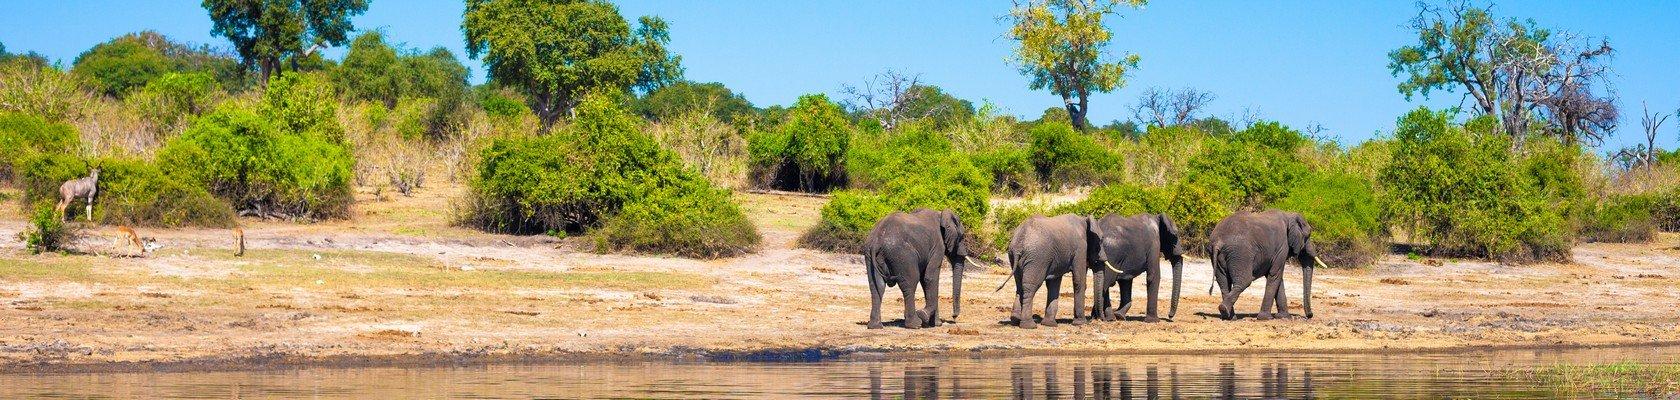 De olifant, onderdeel van de Big 5